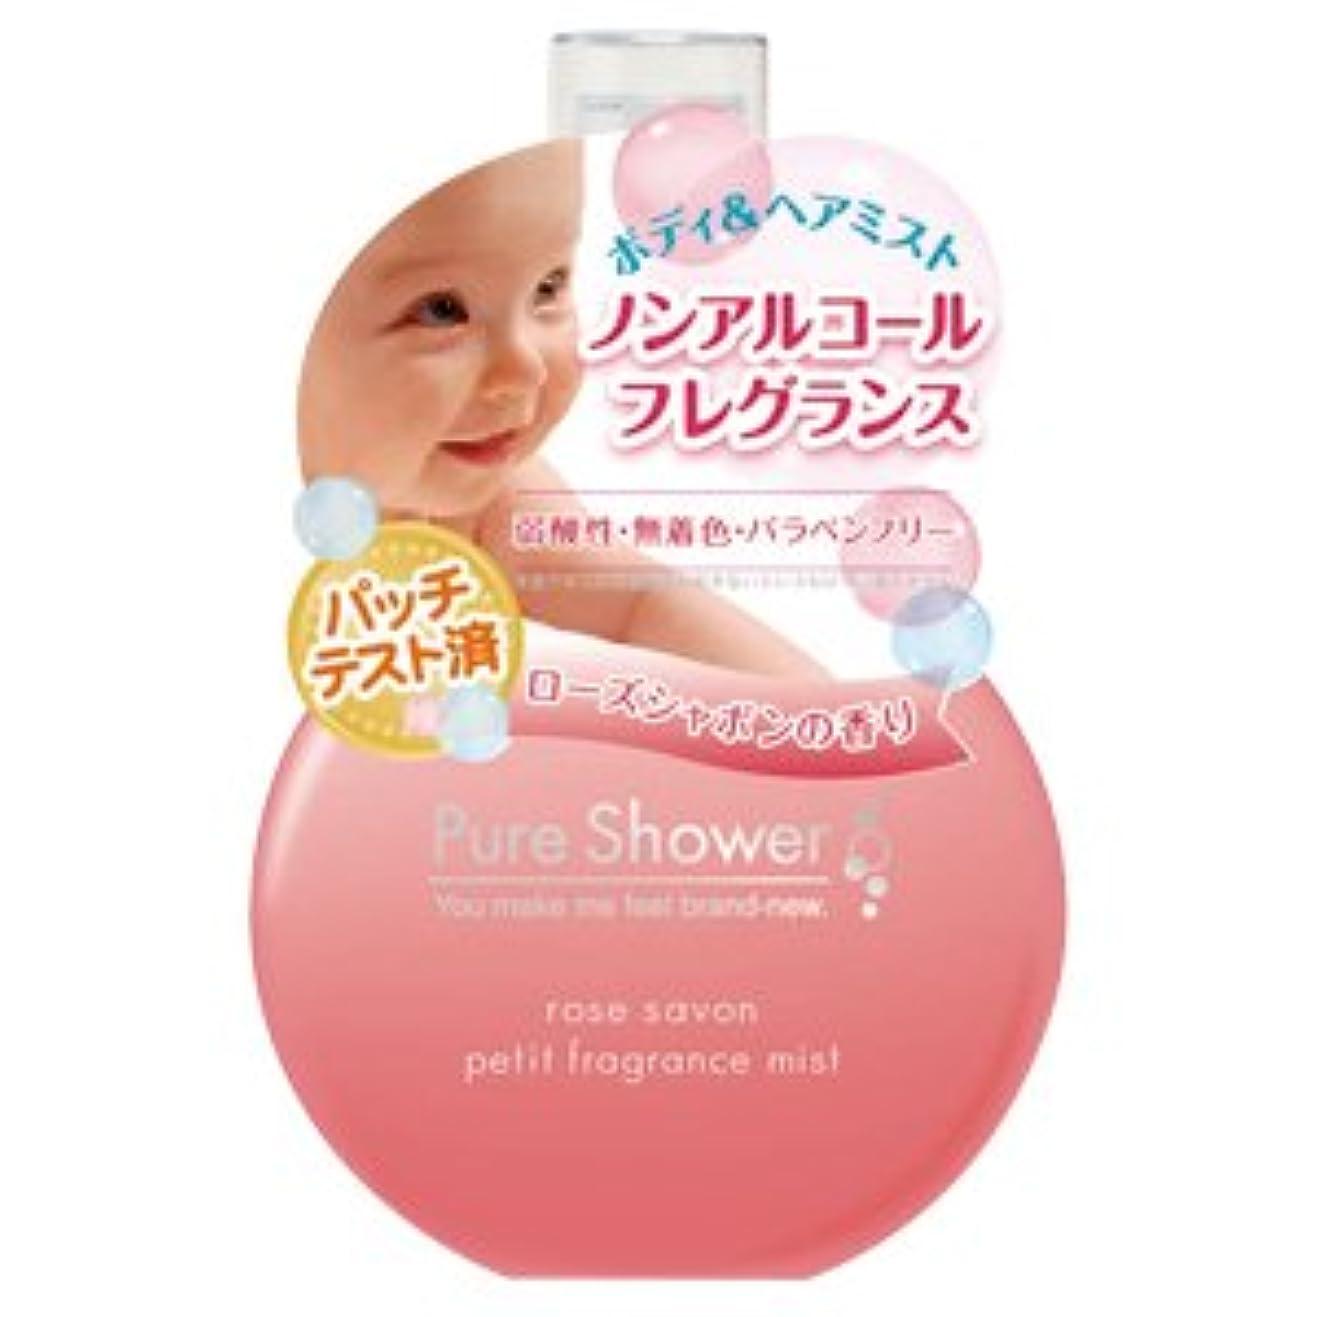 エントリインスタンスピュアシャワー Pure Shower ノンアルコール フレグランスミスト ローズシャボン 50ml